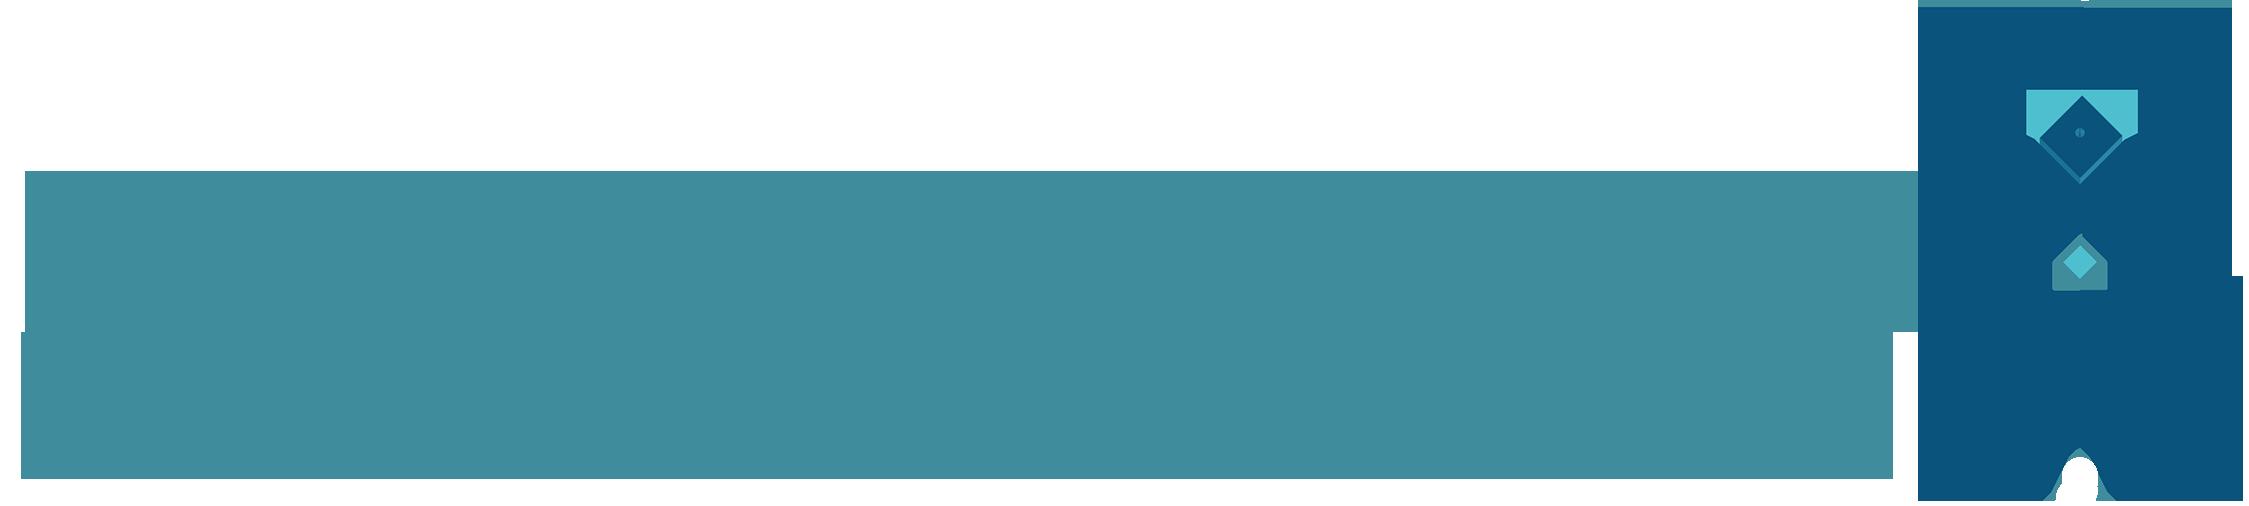 ساهلة ماهلة - المصدر الاول لمذكرات التخرج في الجزائر